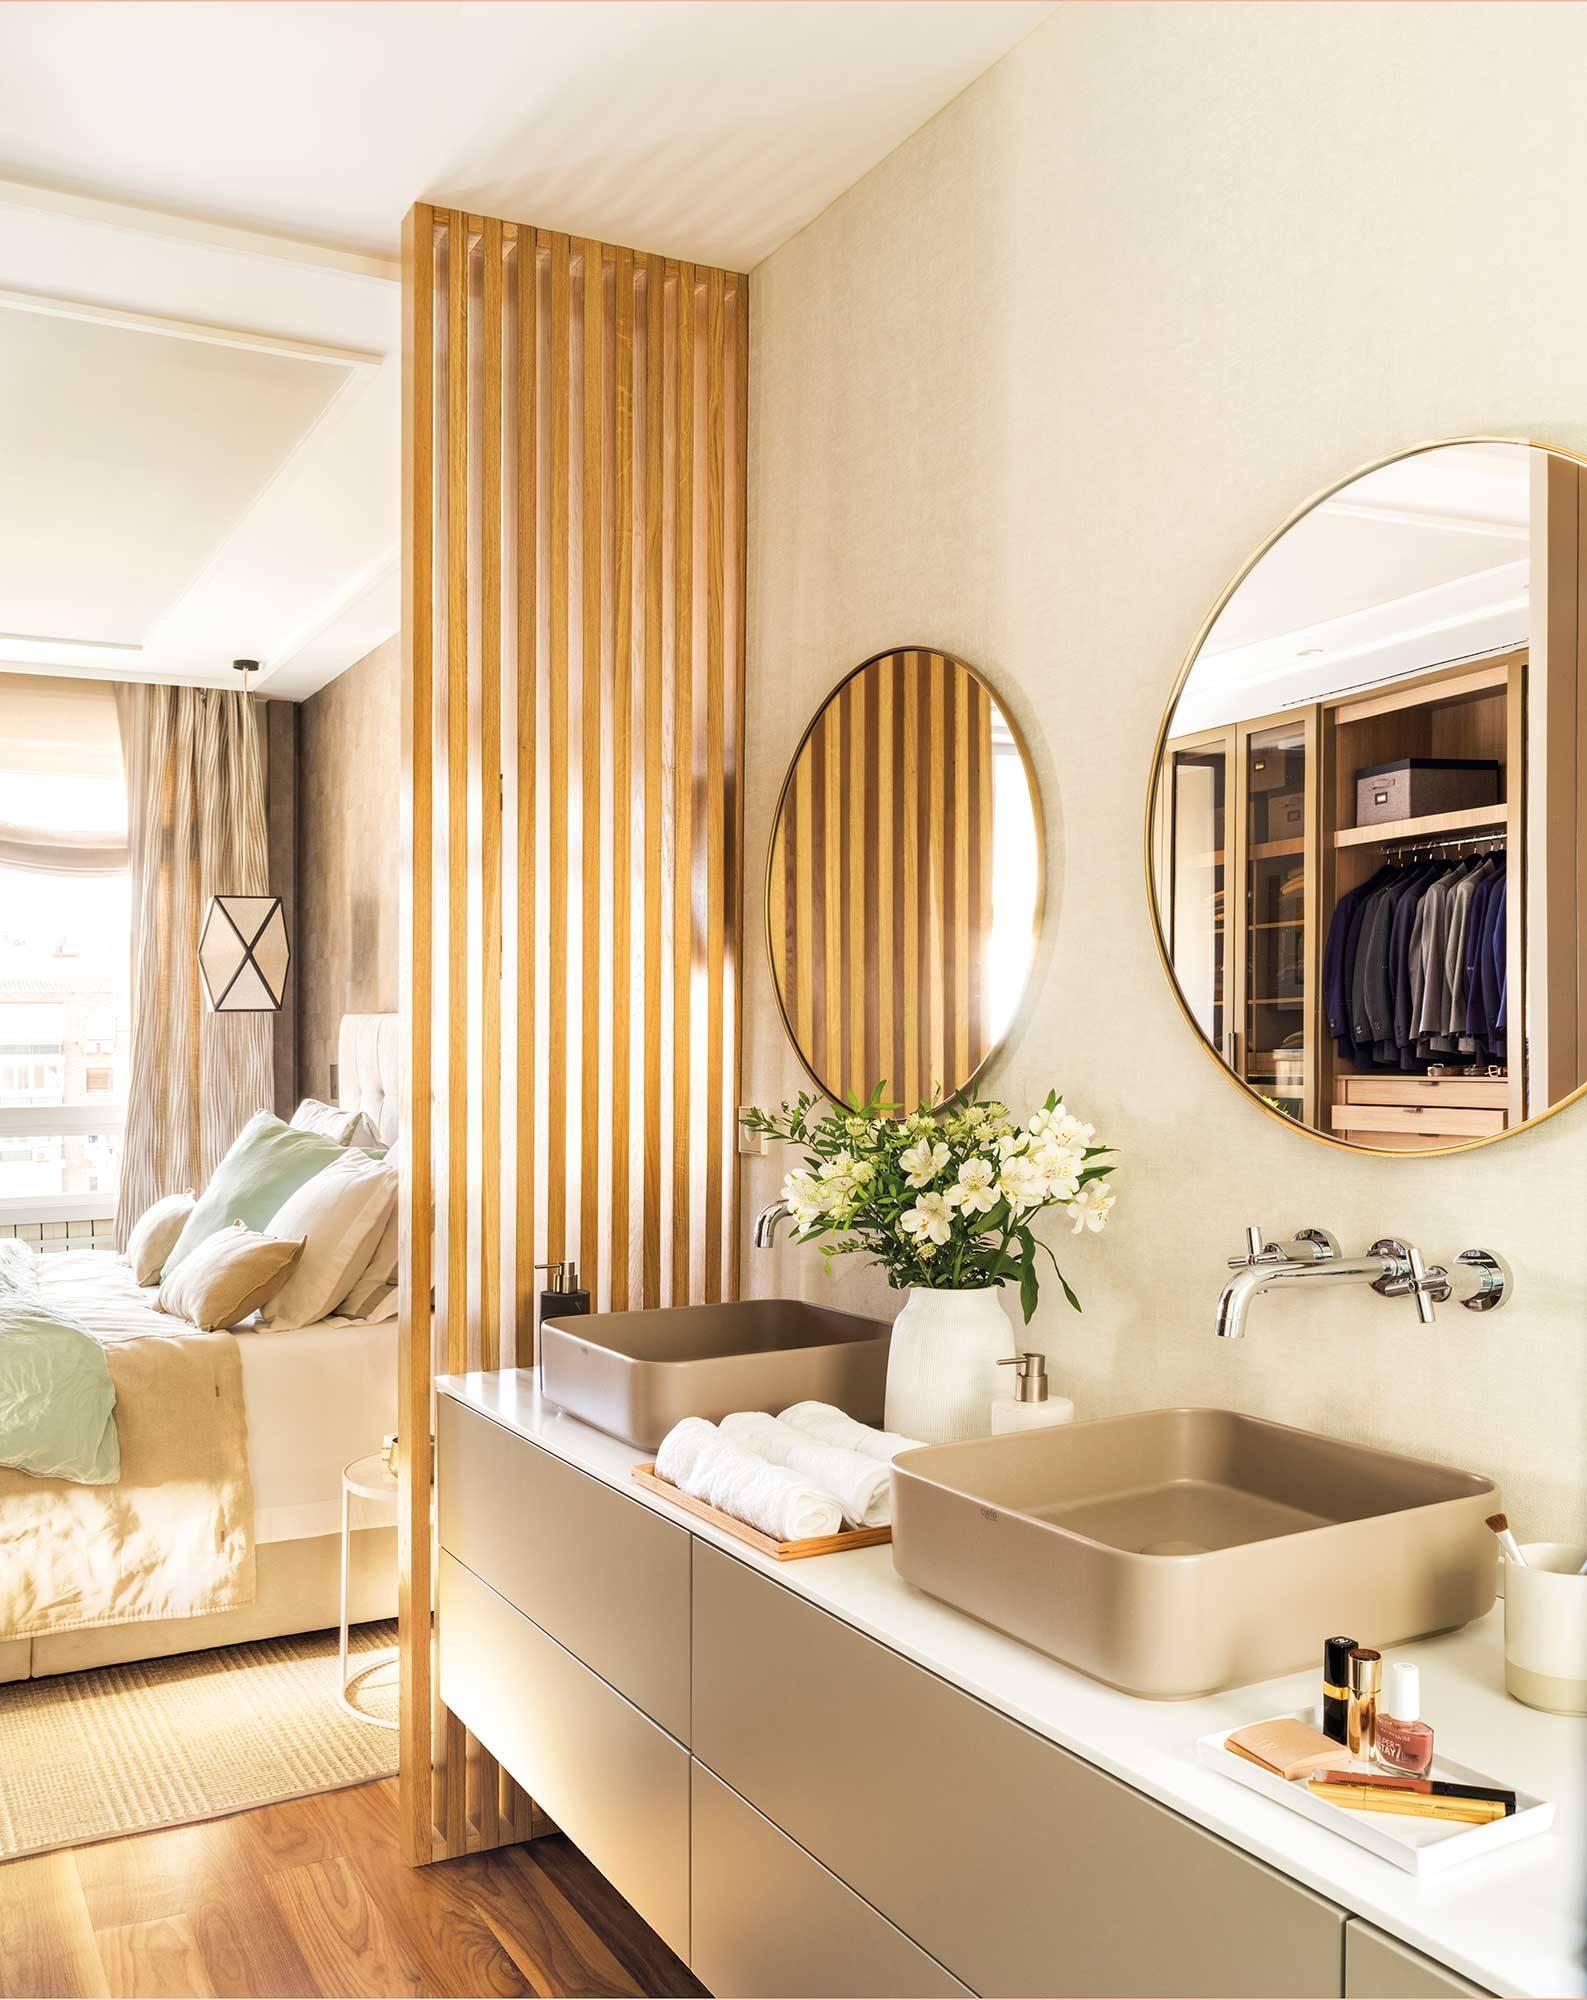 Un Baño En Suite Está Abierto Al Dormitorio Y Es Elegante Y